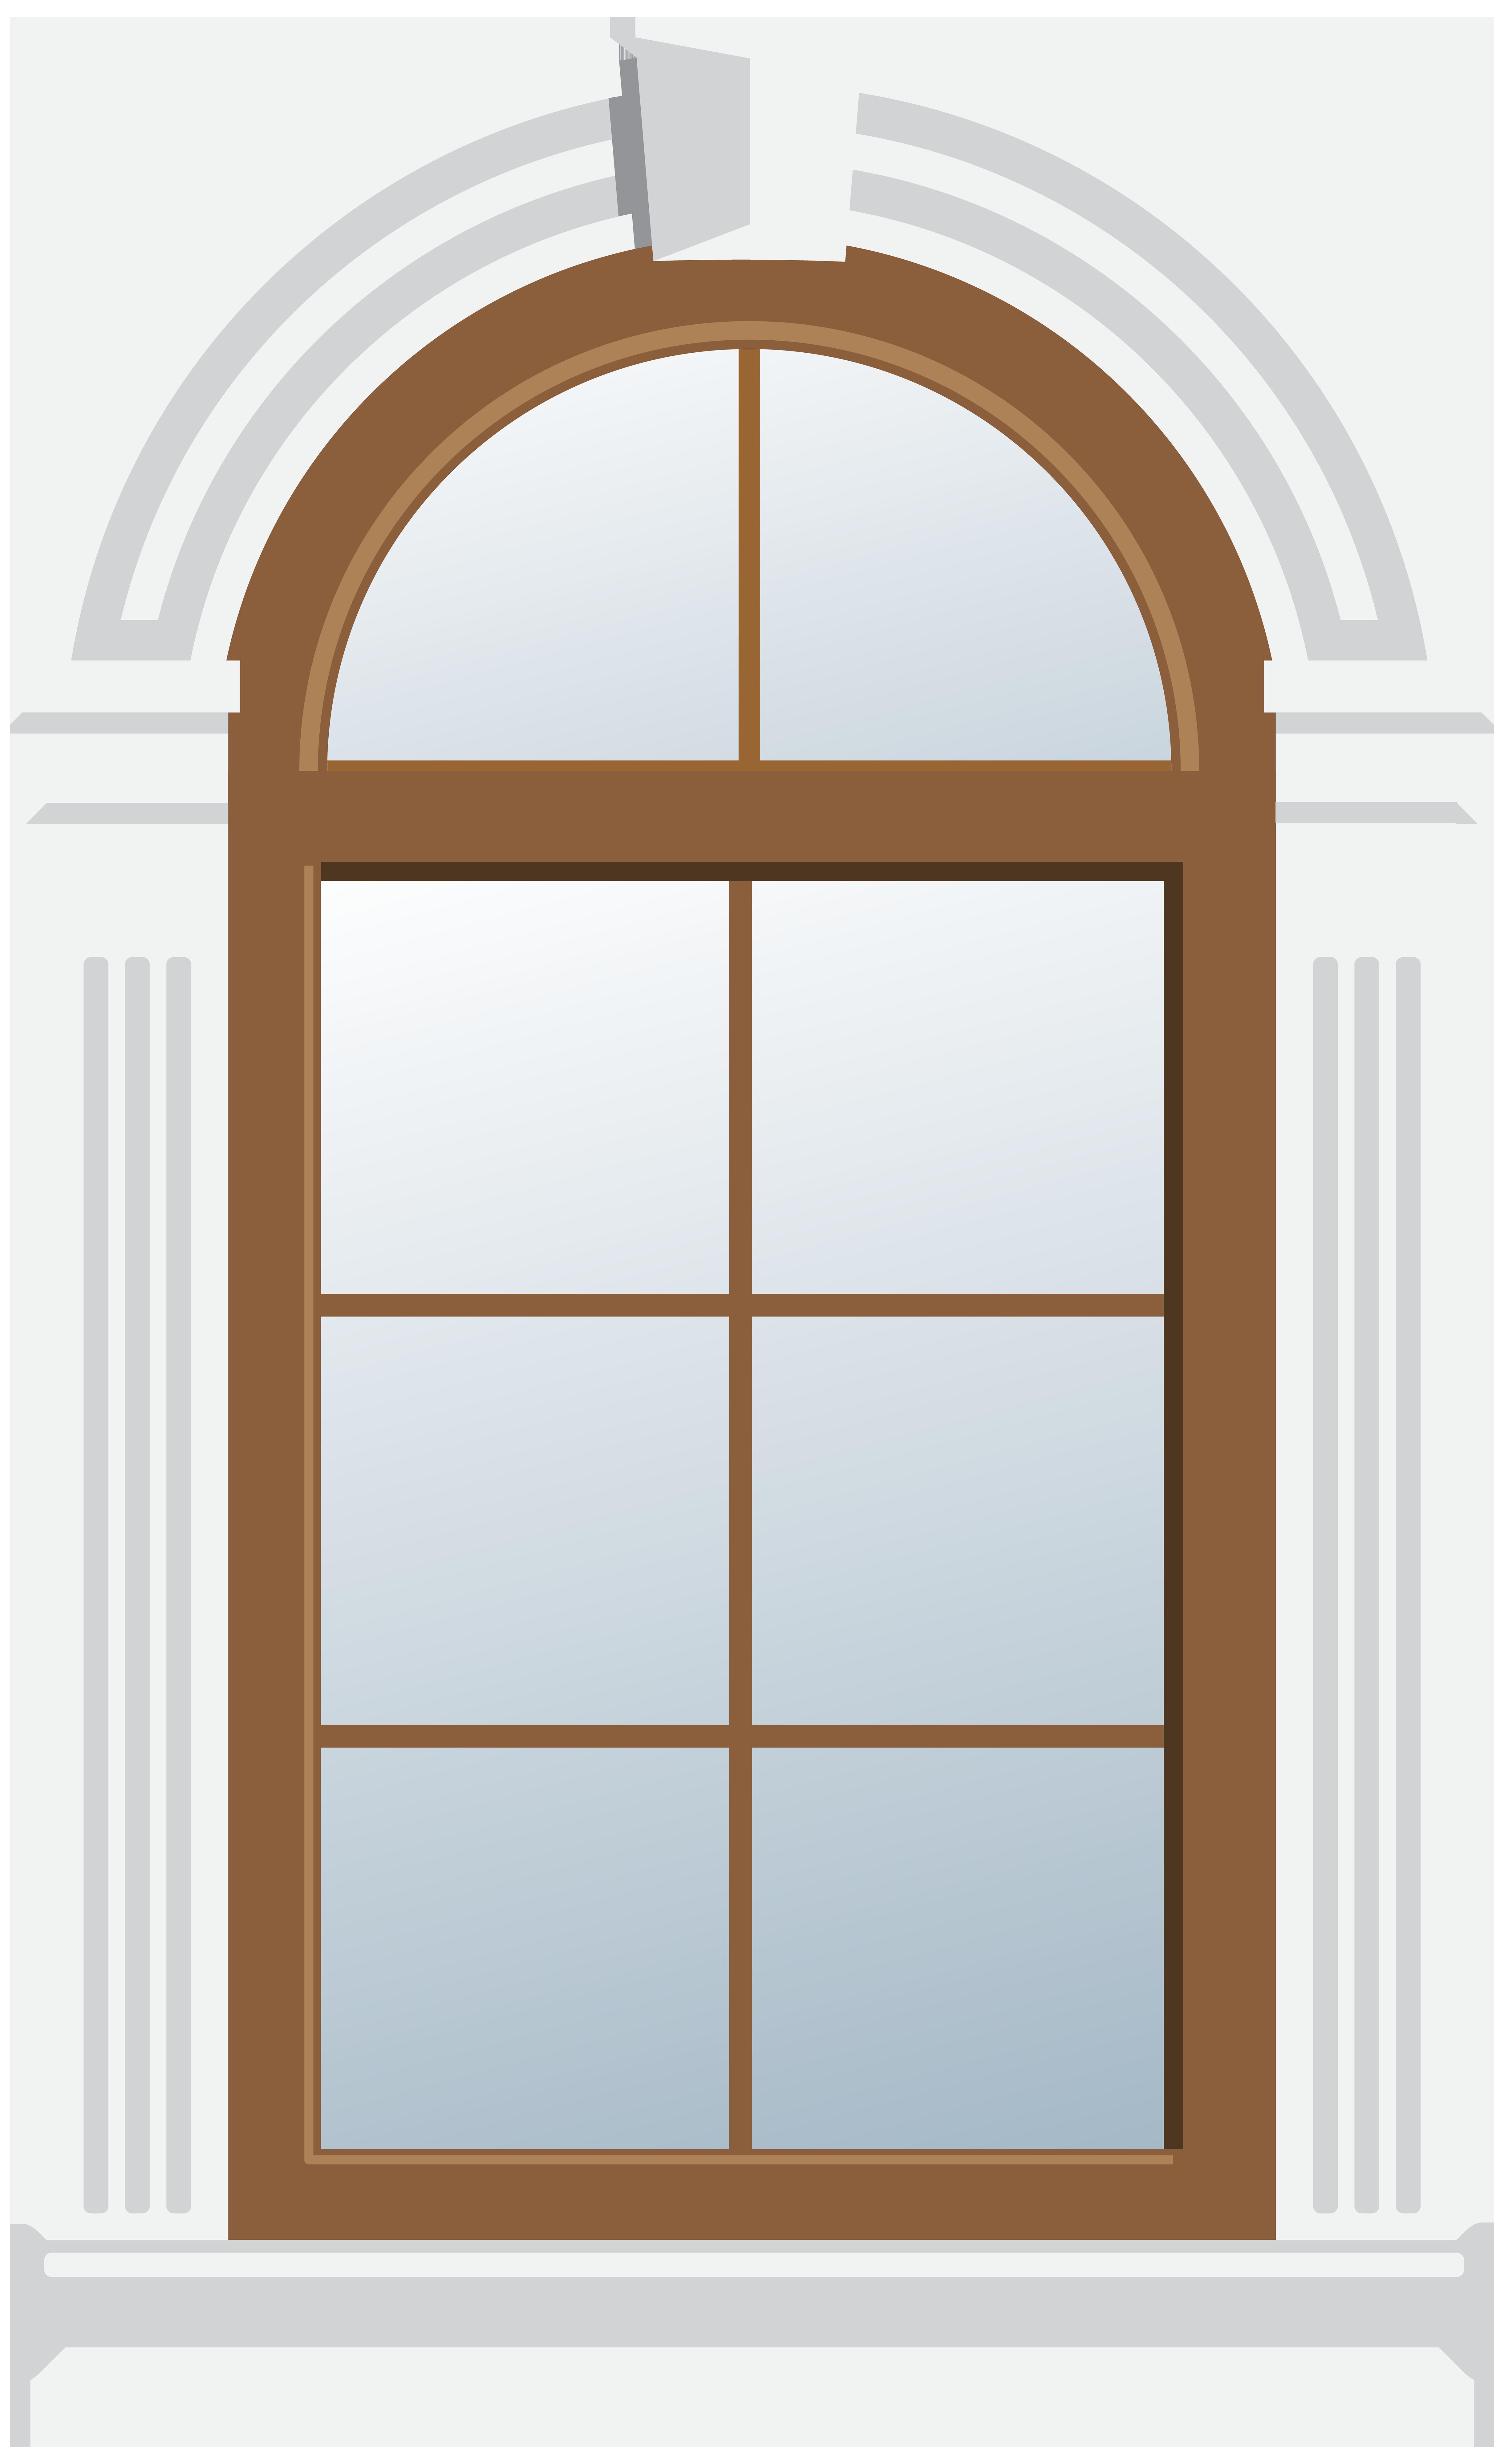 Clipart door door window. Arch png clip art